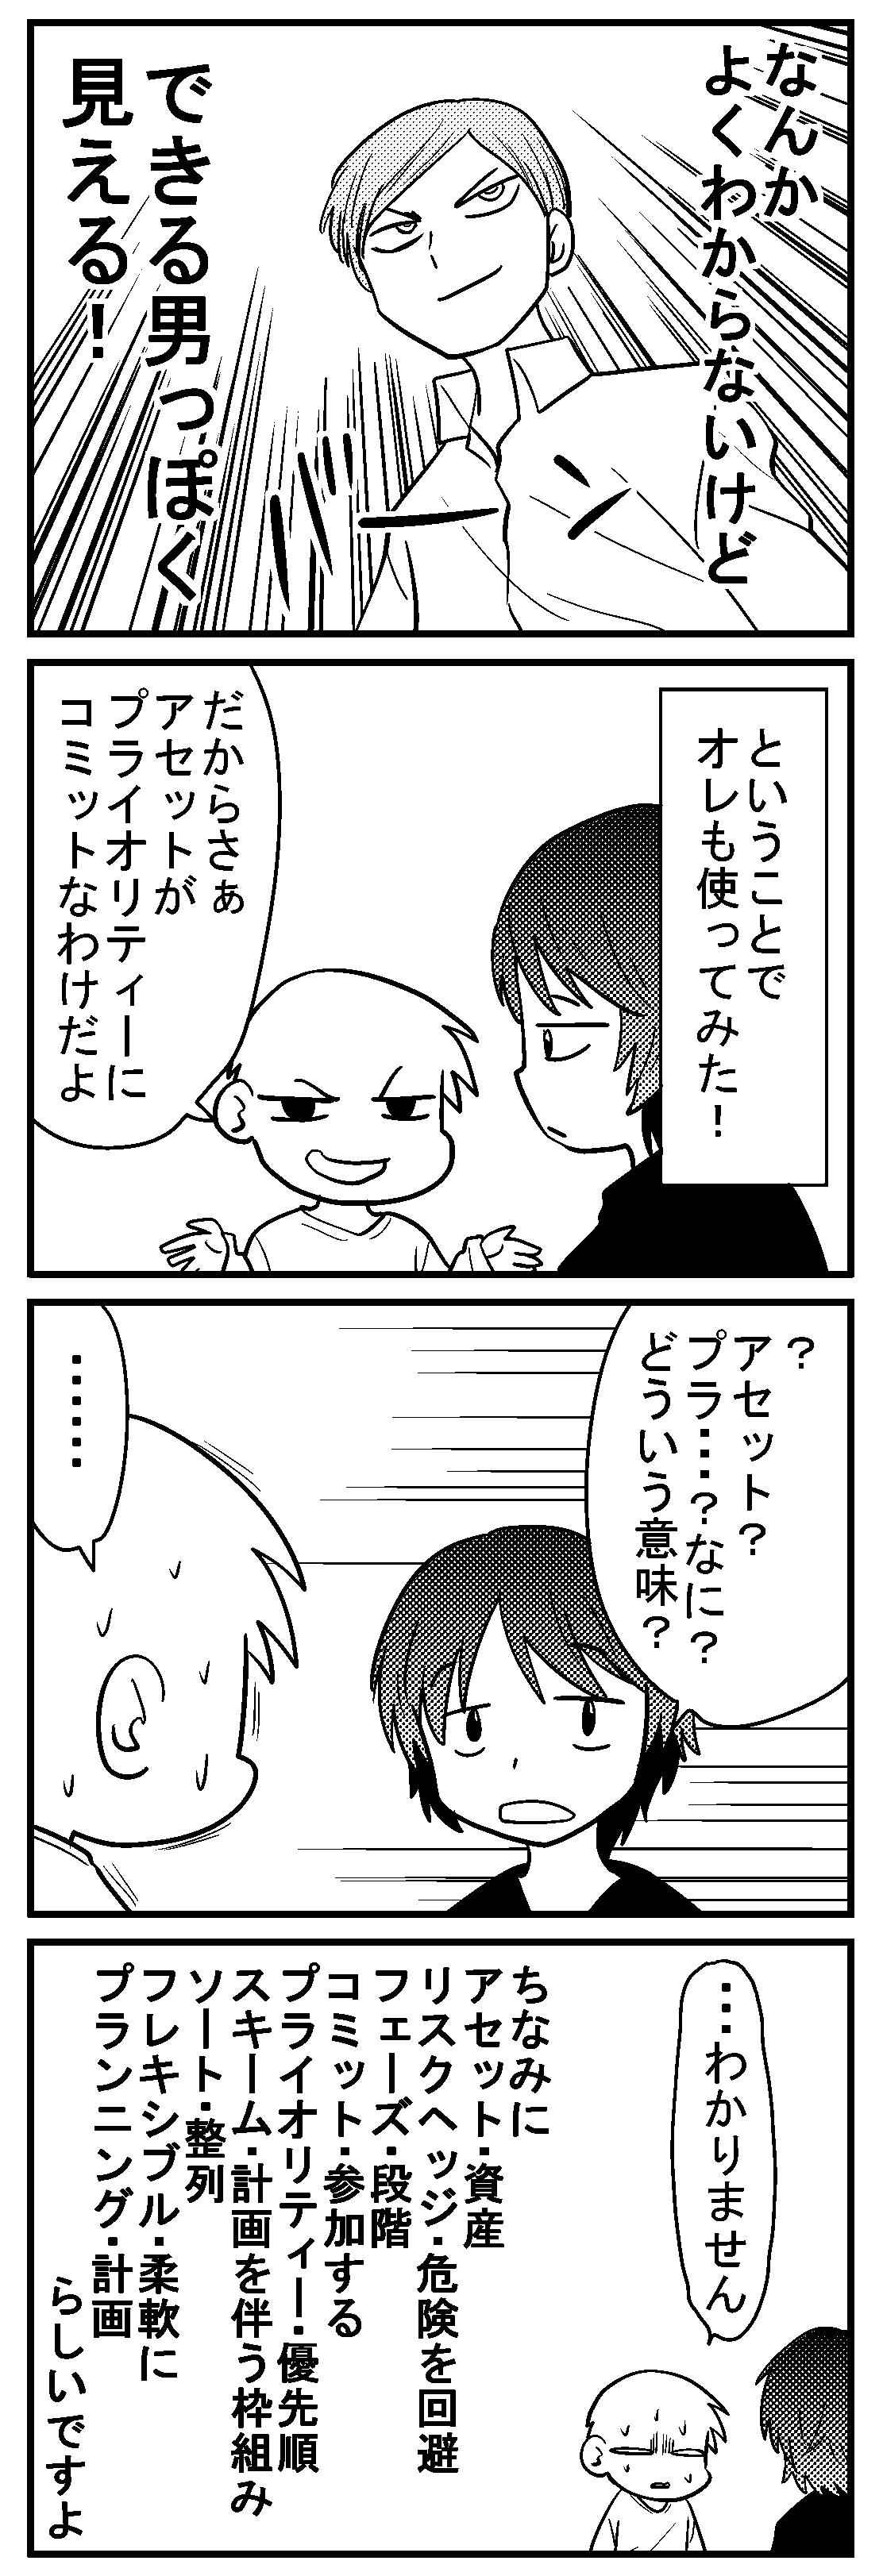 深読みくん31 4